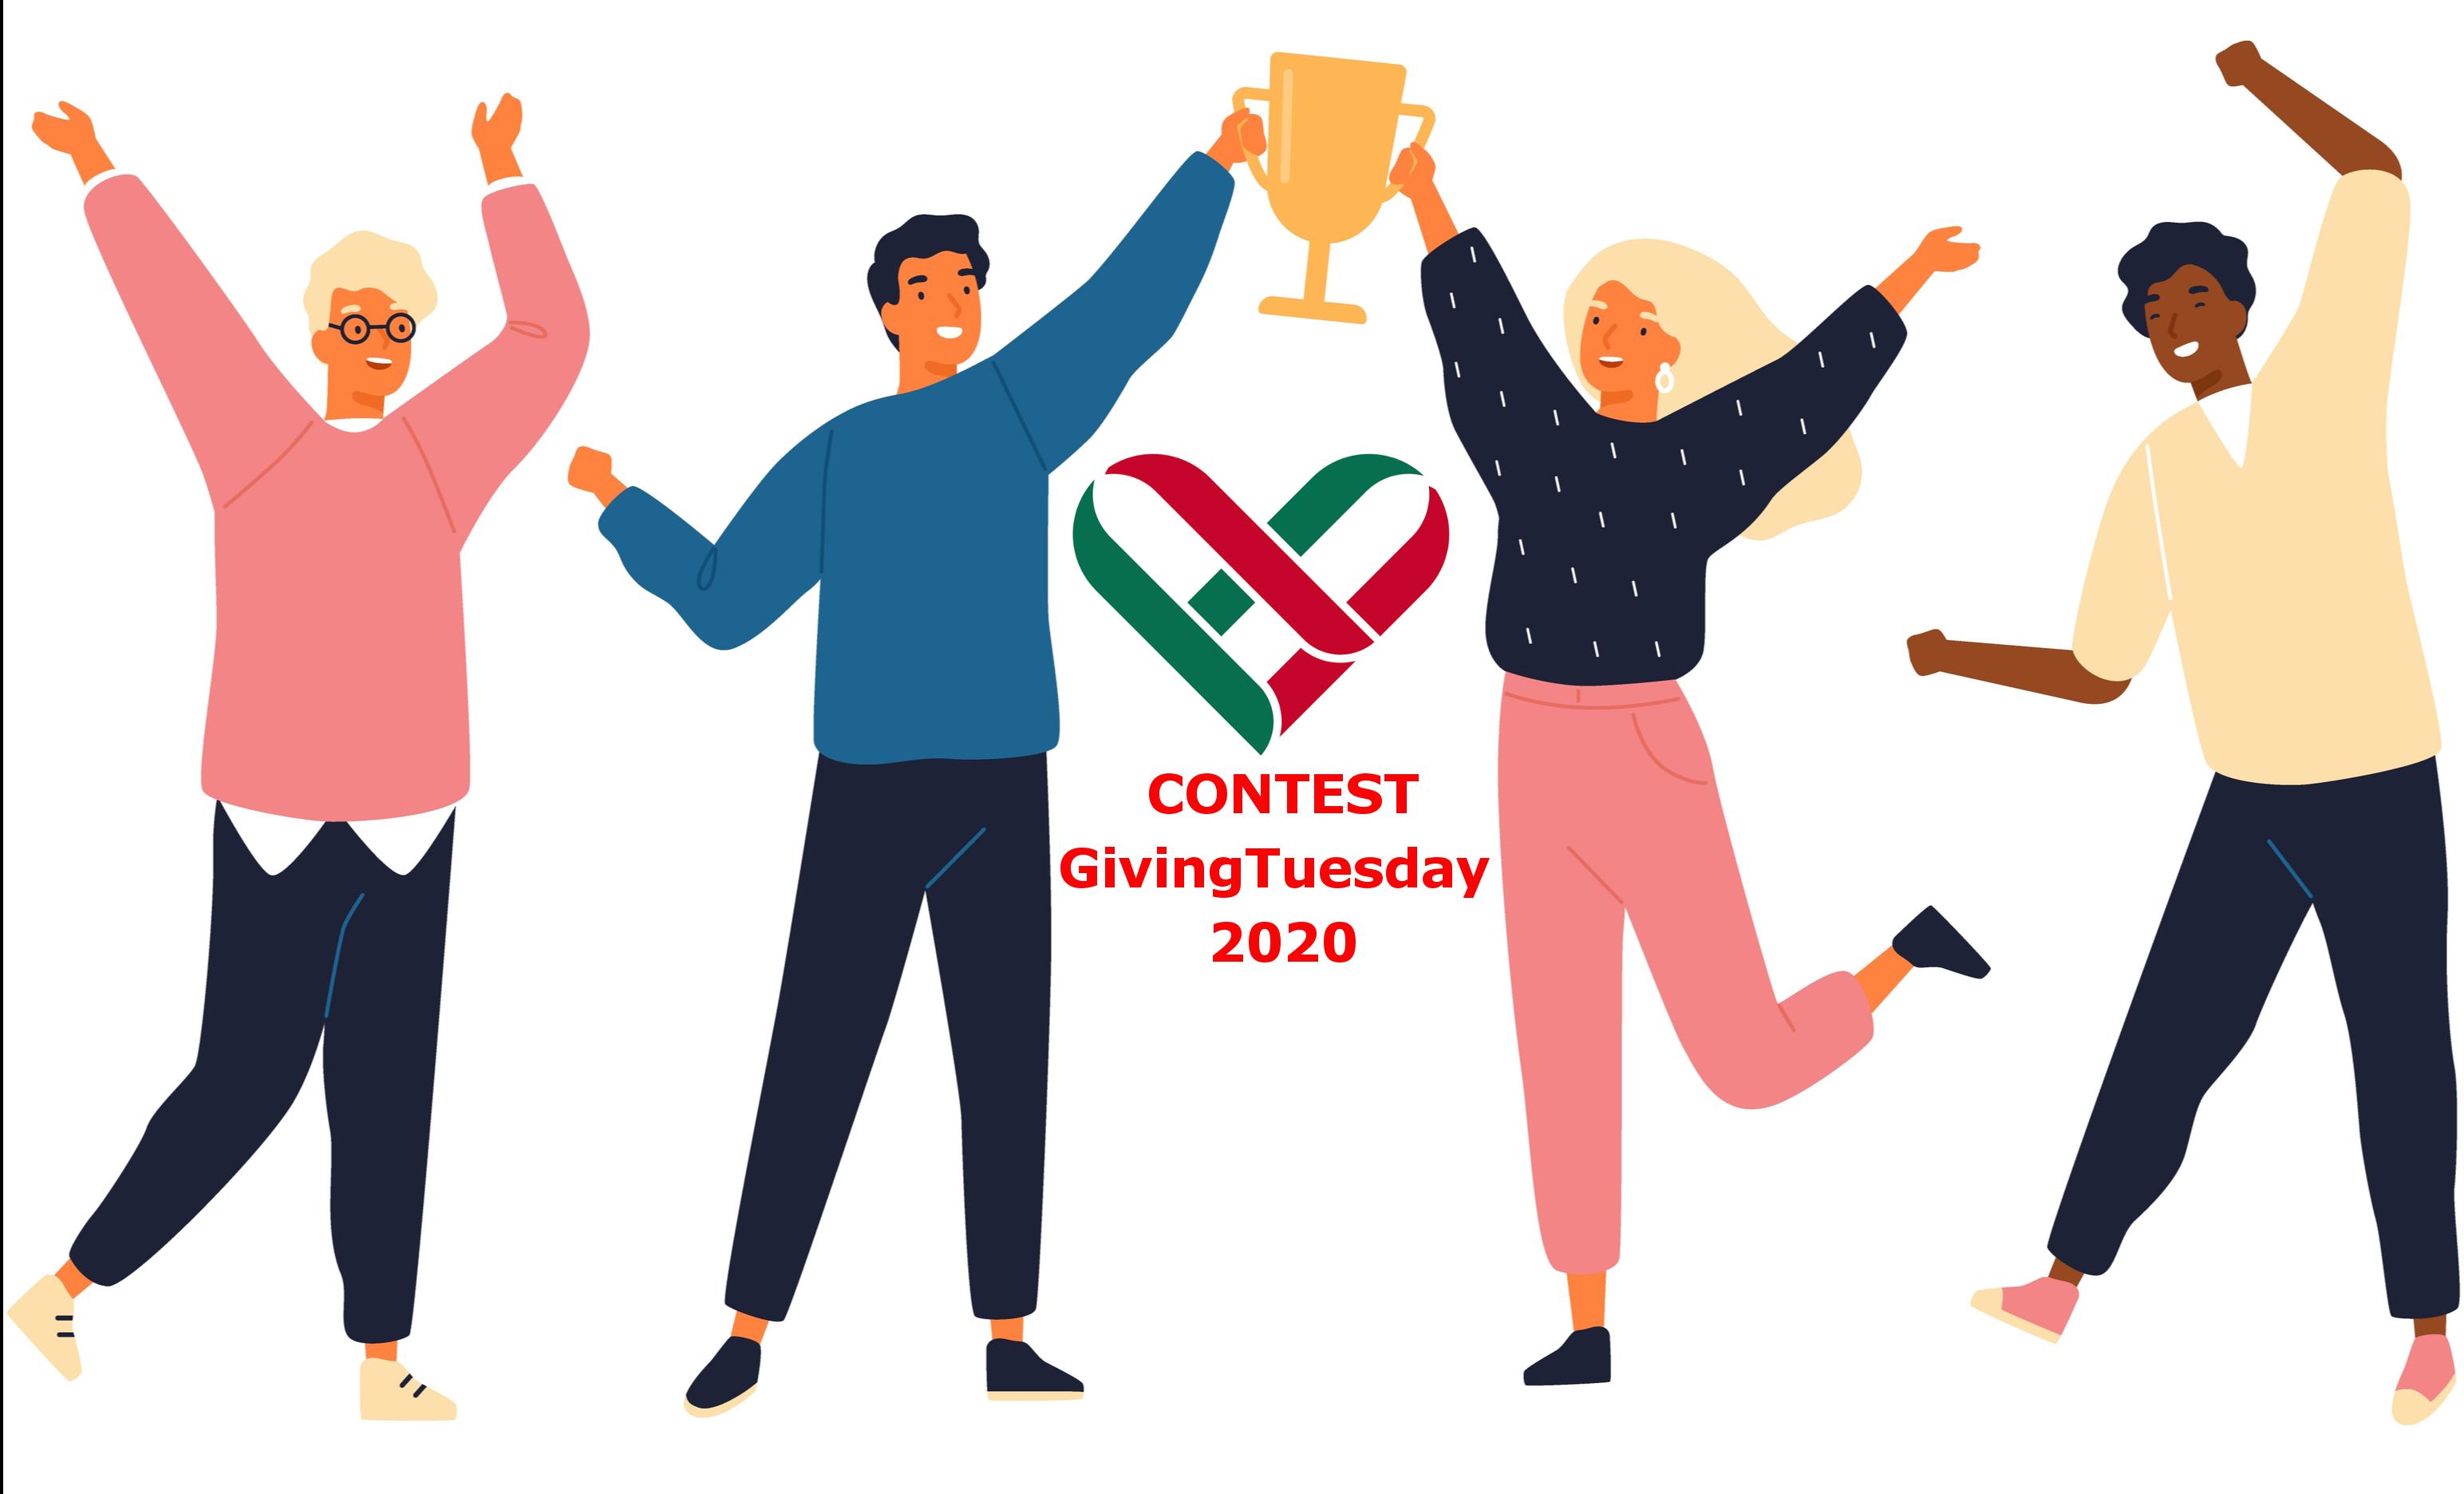 16 febbraio 2021 – Vieni a conoscere i vincitori del contest GivingTuesday 2020